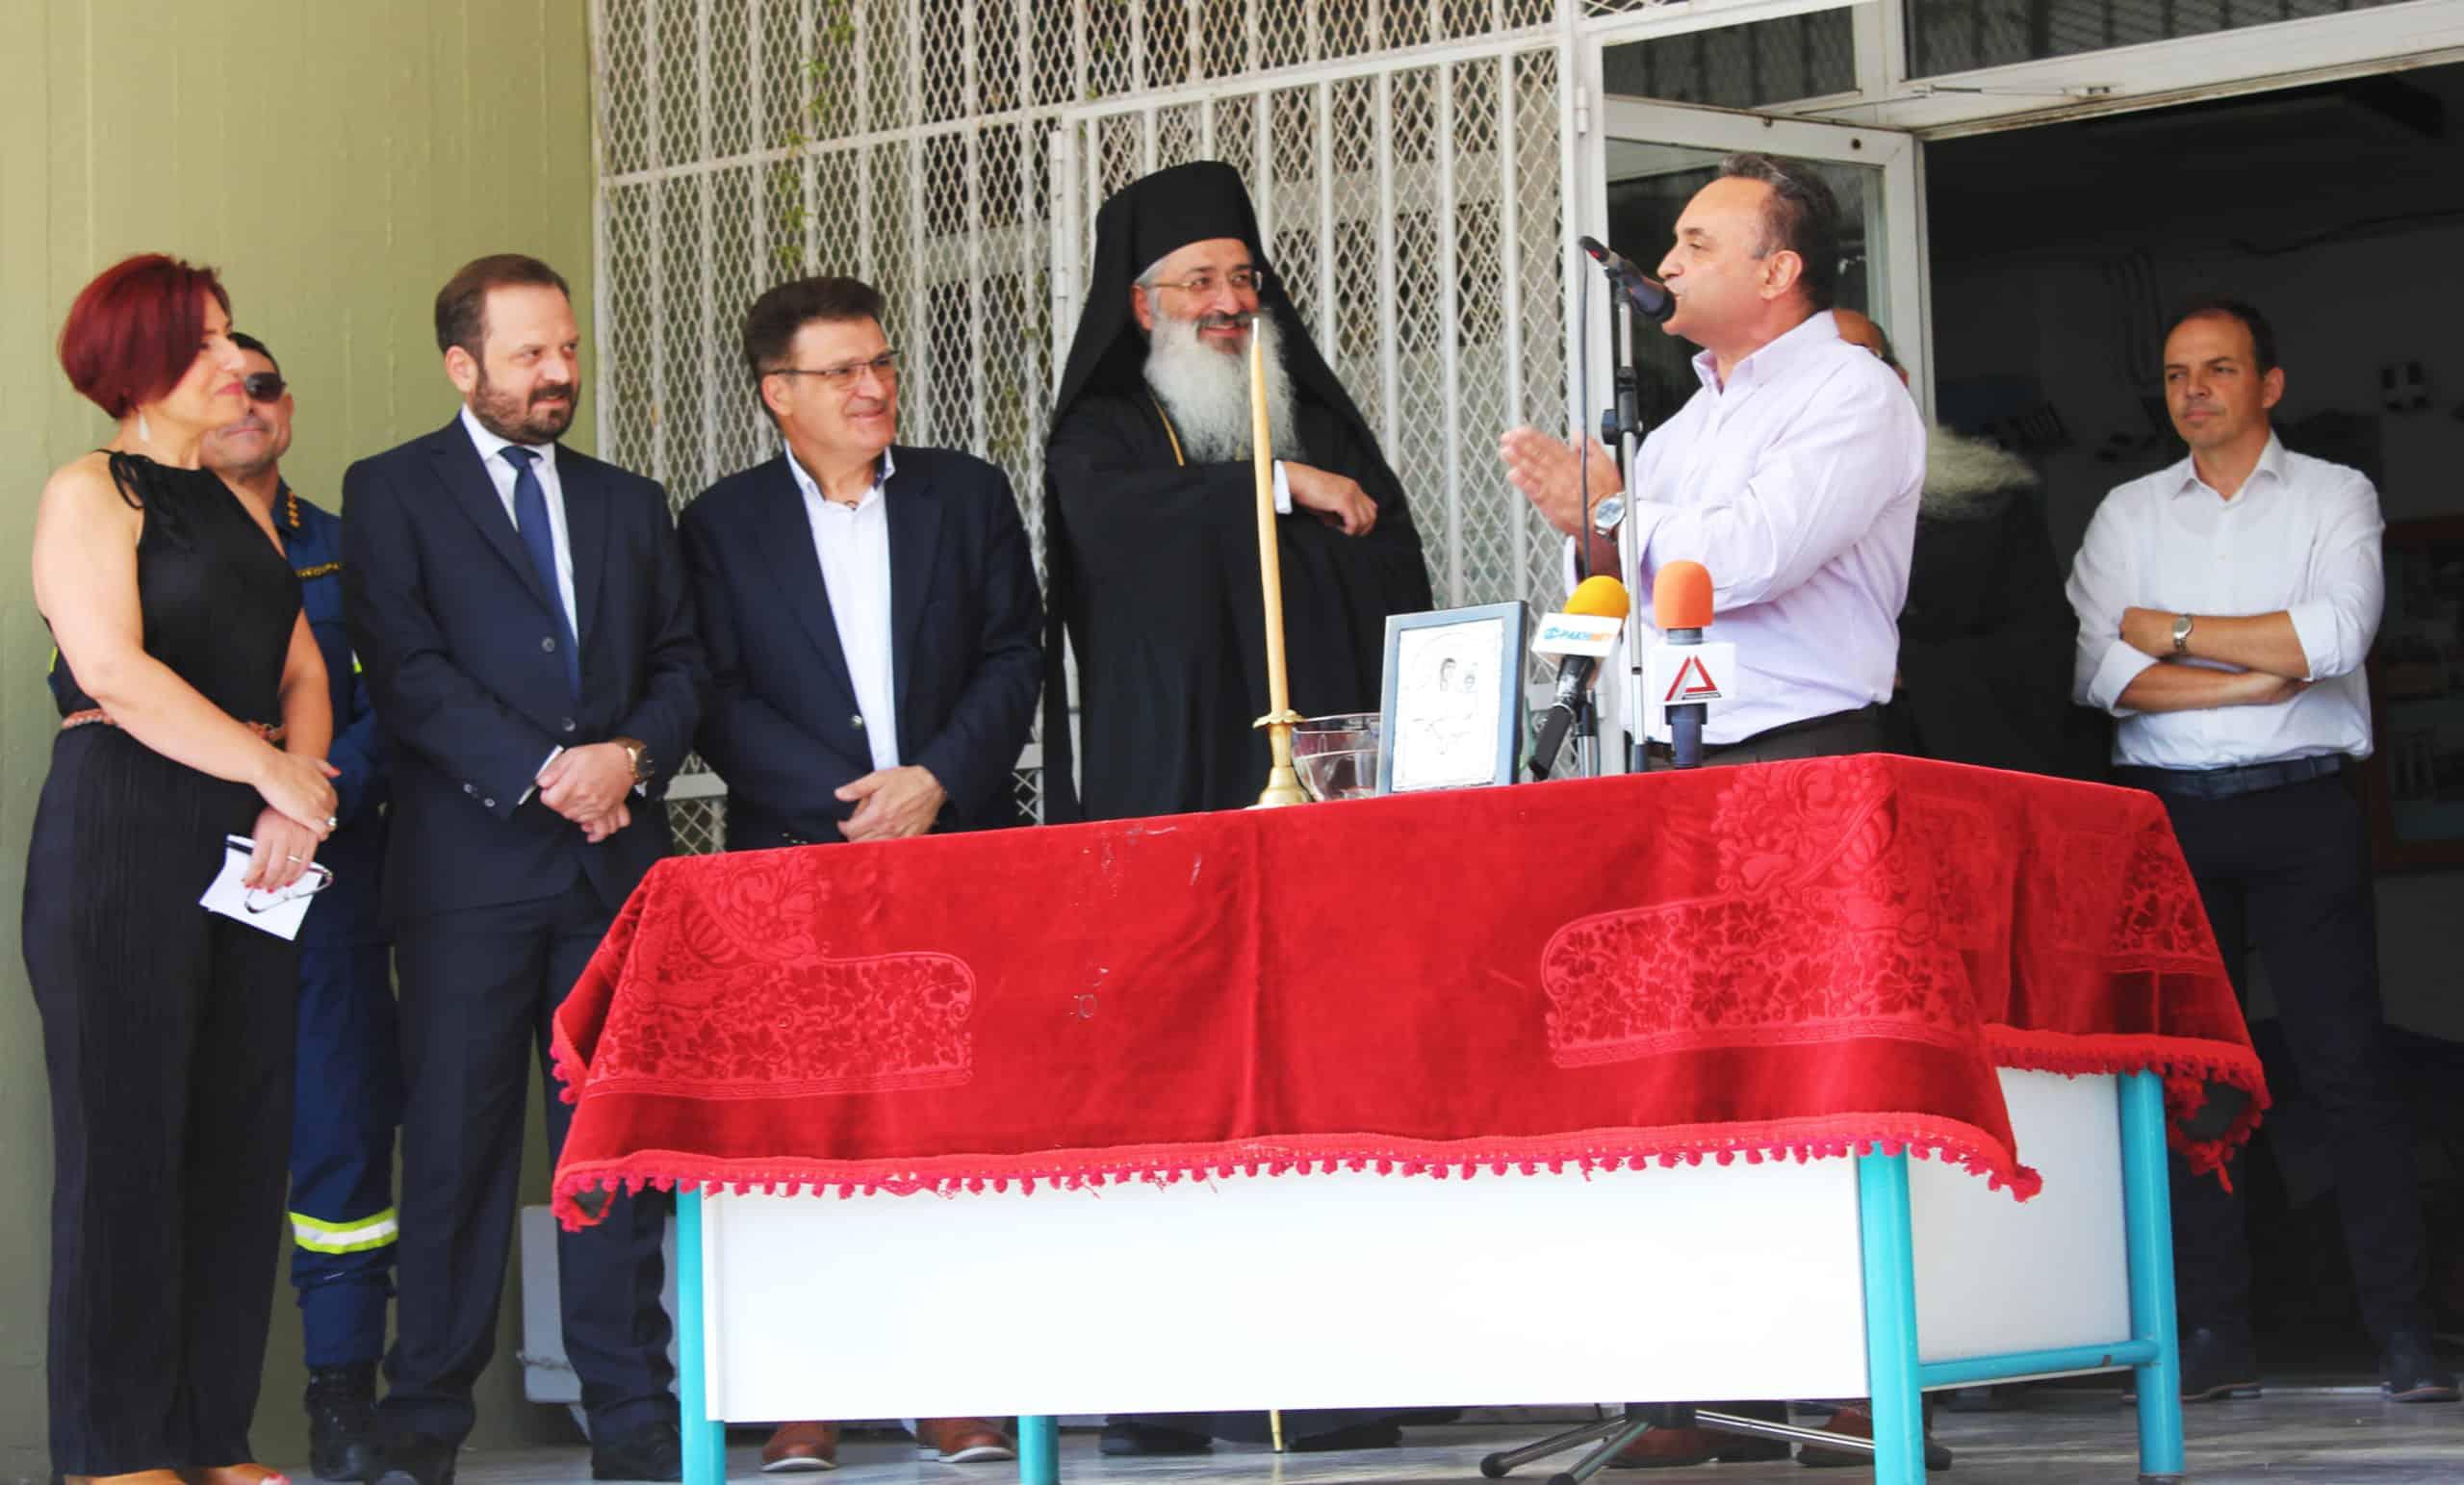 Αγιασμοί Σχολικών Μονάδων στην Αλεξανδρούπολη 11-09-2019